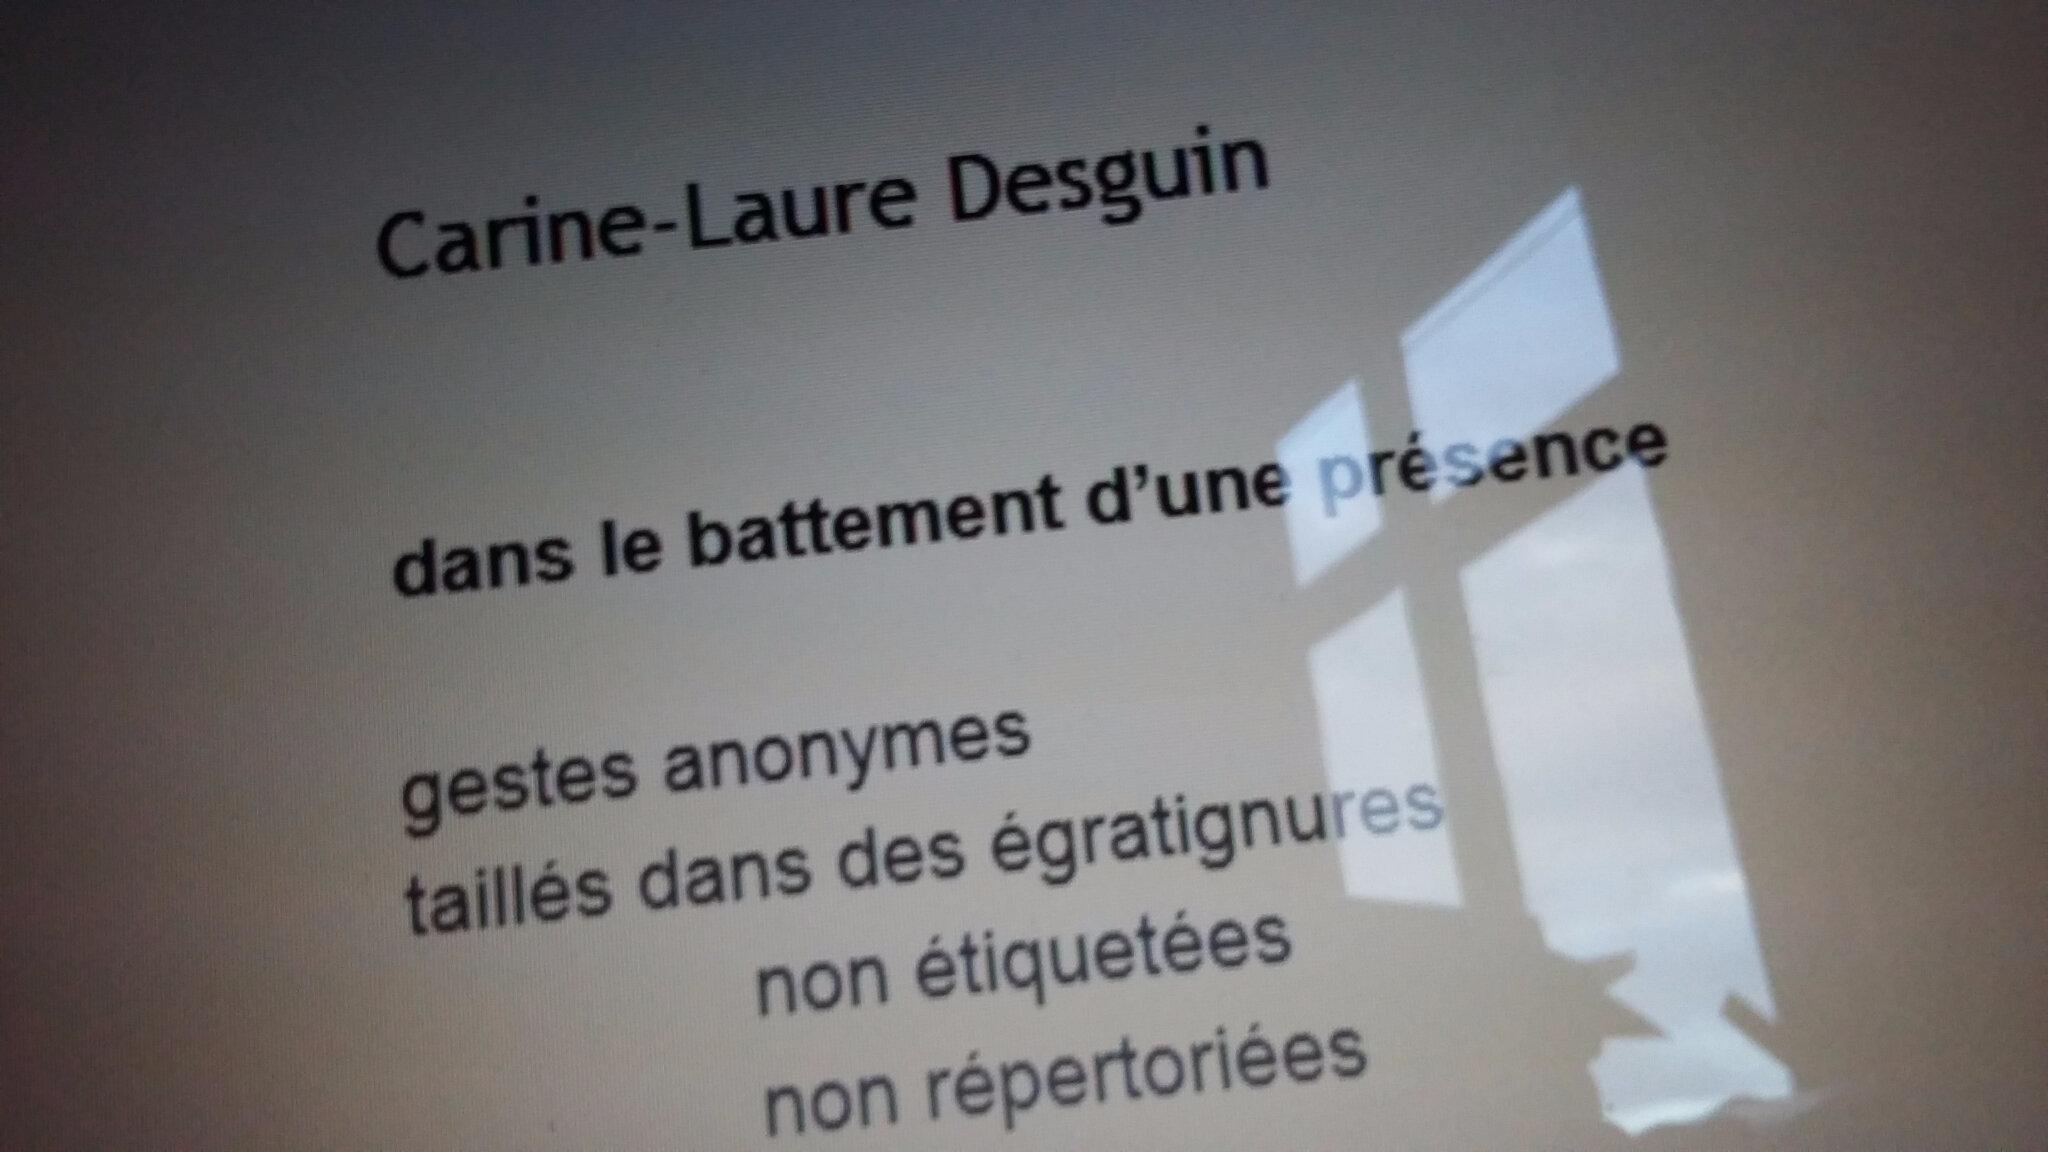 Dans Lichen 18 (sept 2017), un texte de C.-L. Desguin